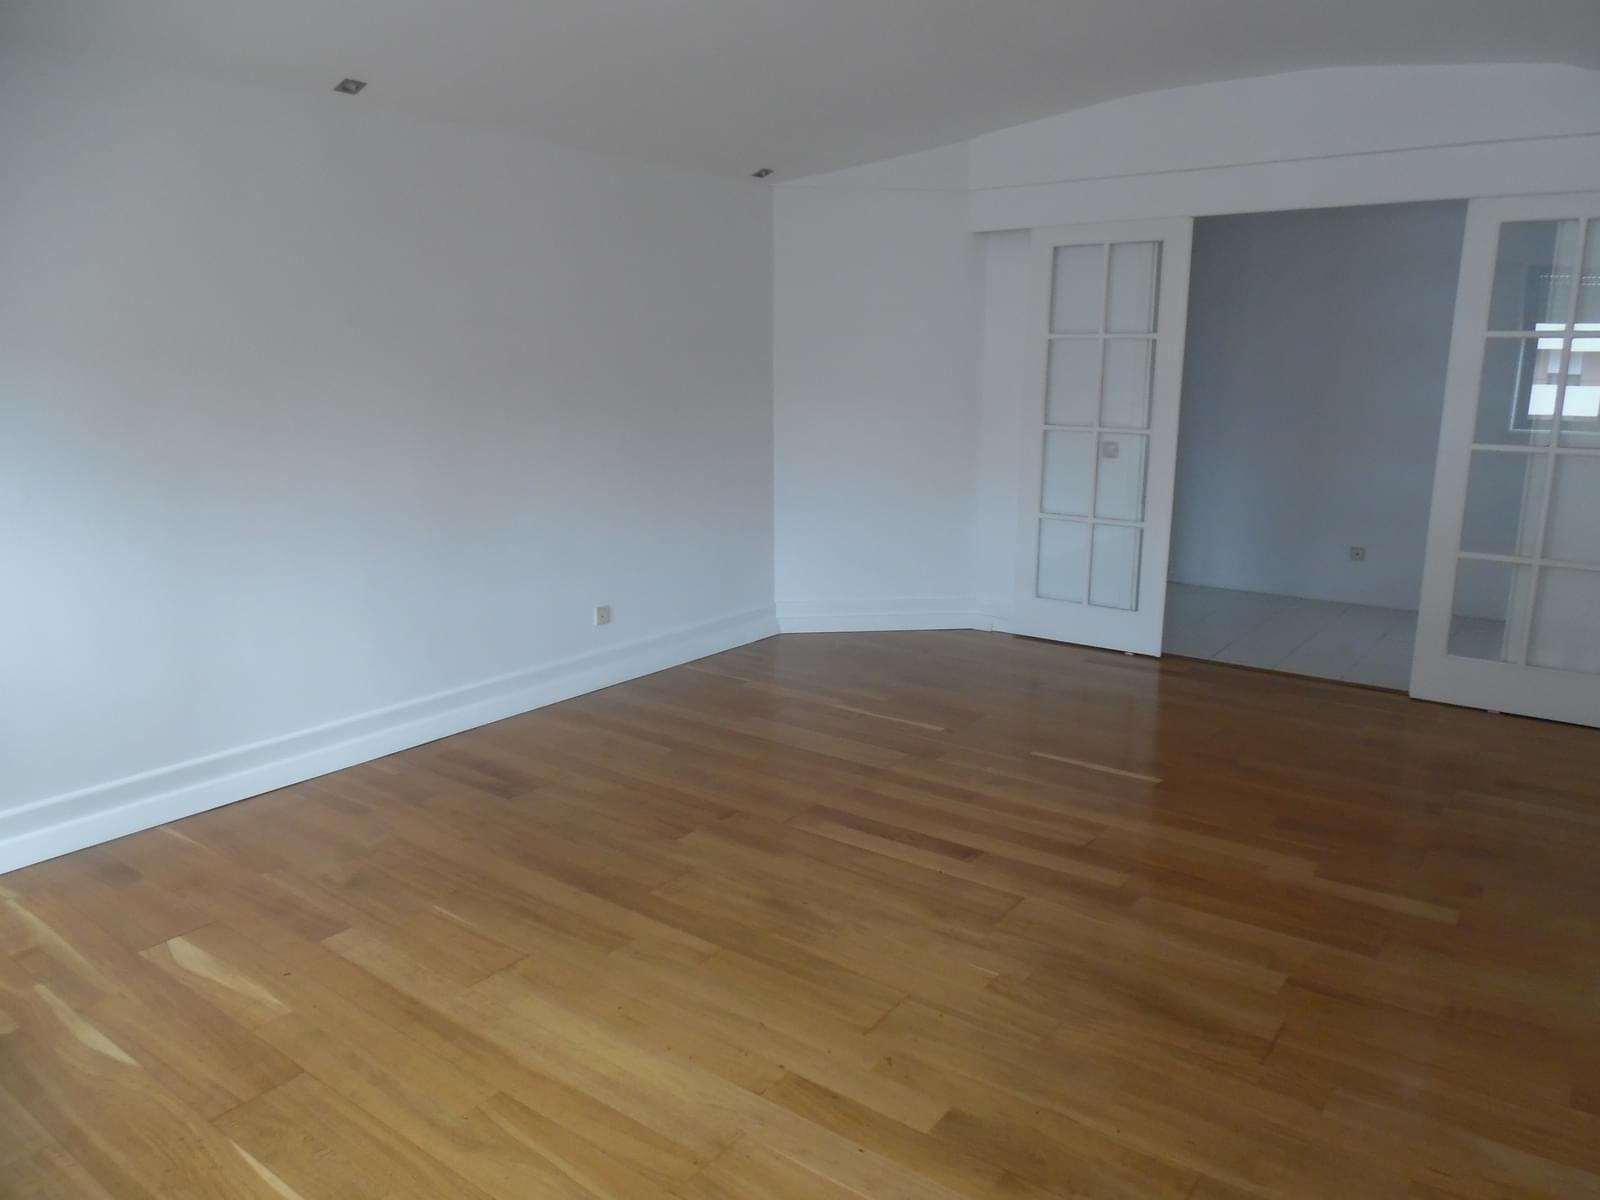 pf17637-apartamento-t2-lisboa-4bdd8260-5d30-42df-a3cd-e434ca7163ad